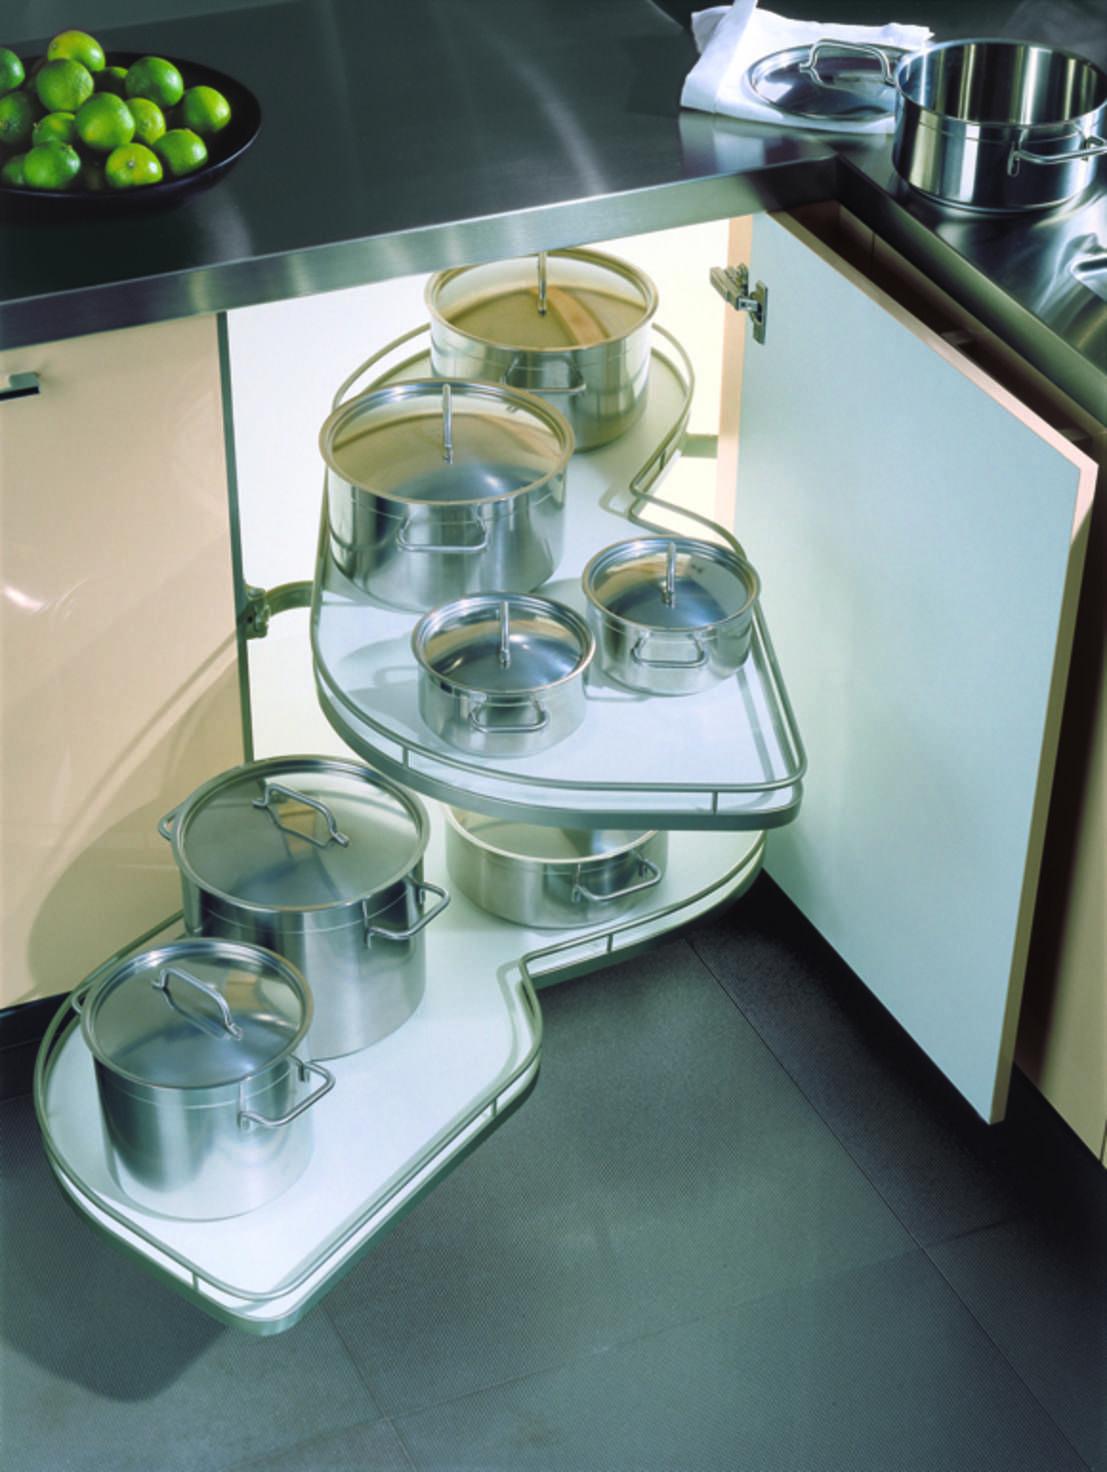 Küche Einrichten Was Braucht Man Auf Jeden Fall Küchen Die Du